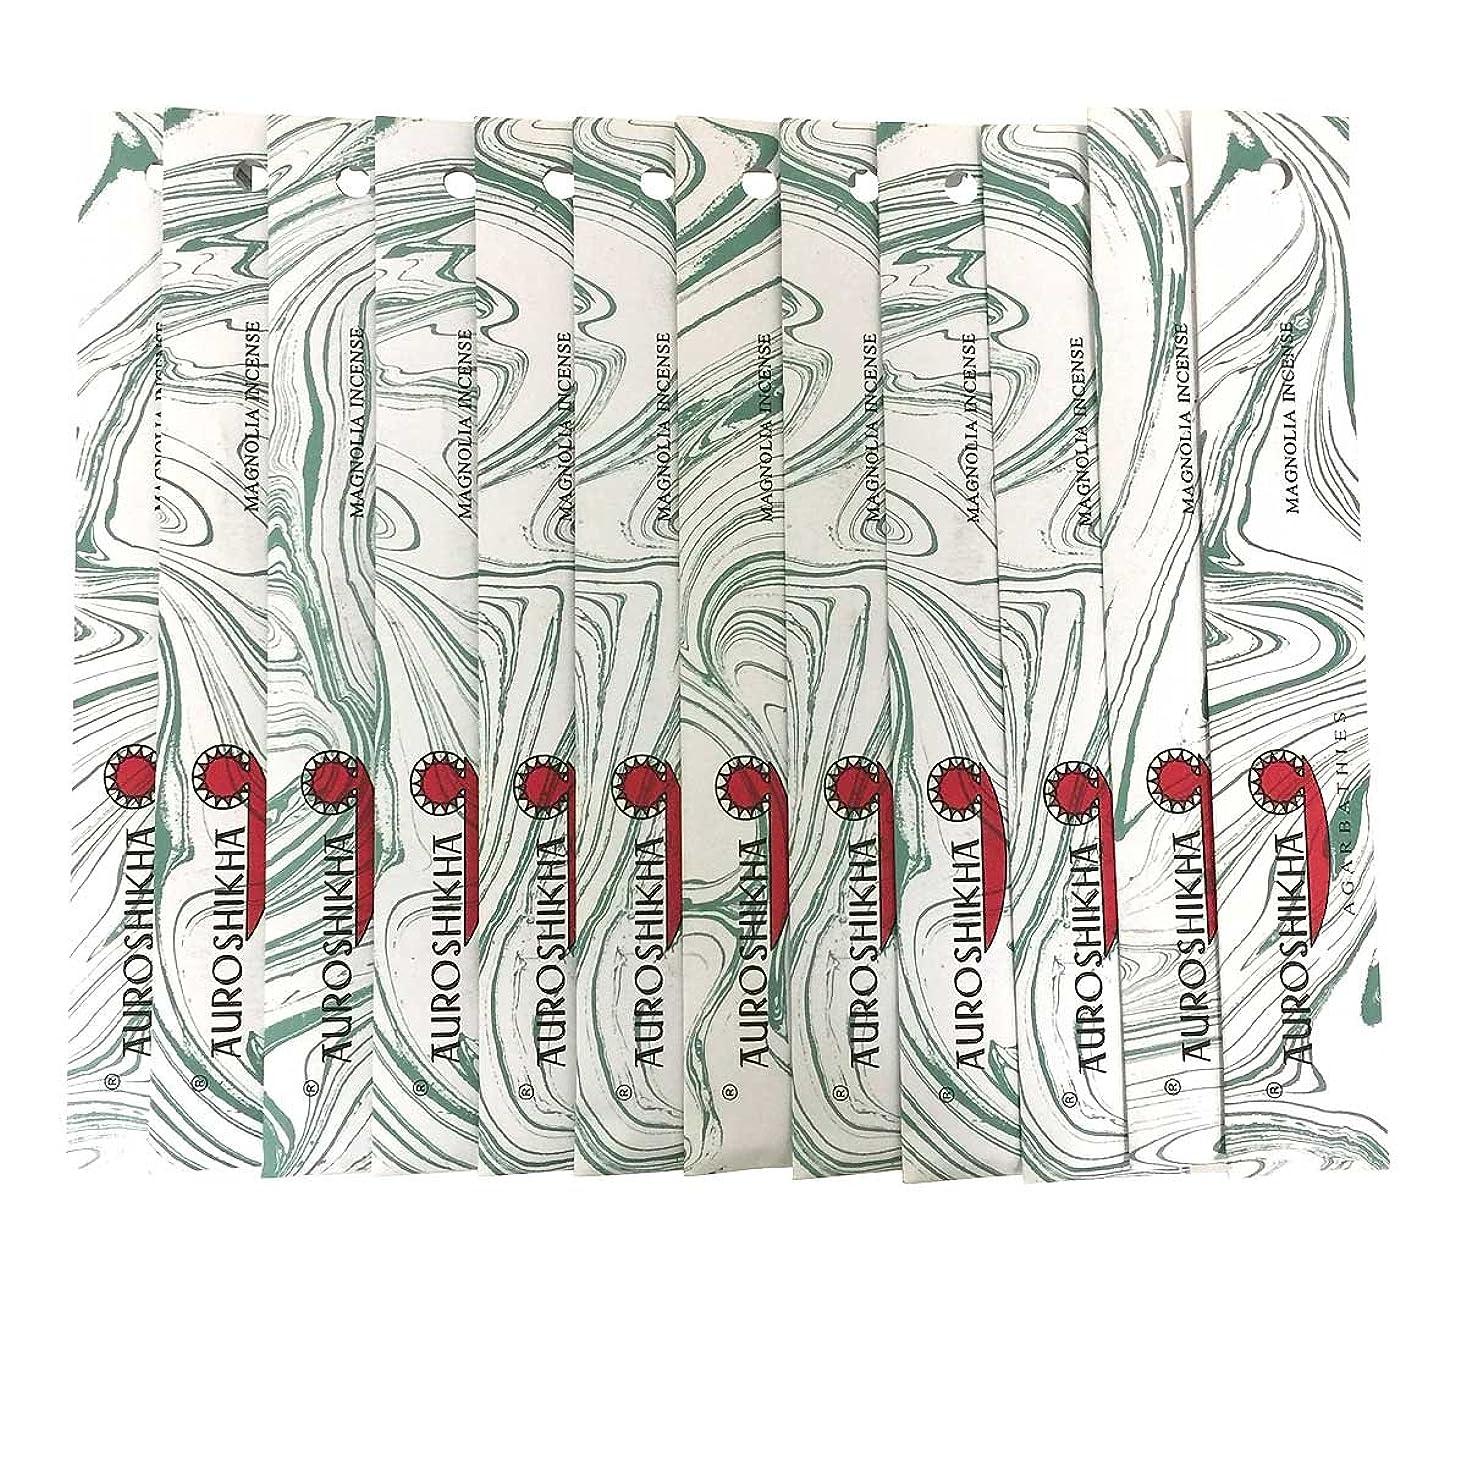 セレナベジタリアン玉ねぎAUROSHIKHA オウロシカ(MAGNOLIAマグノリア12個セット) マーブルパッケージスティック 送料無料